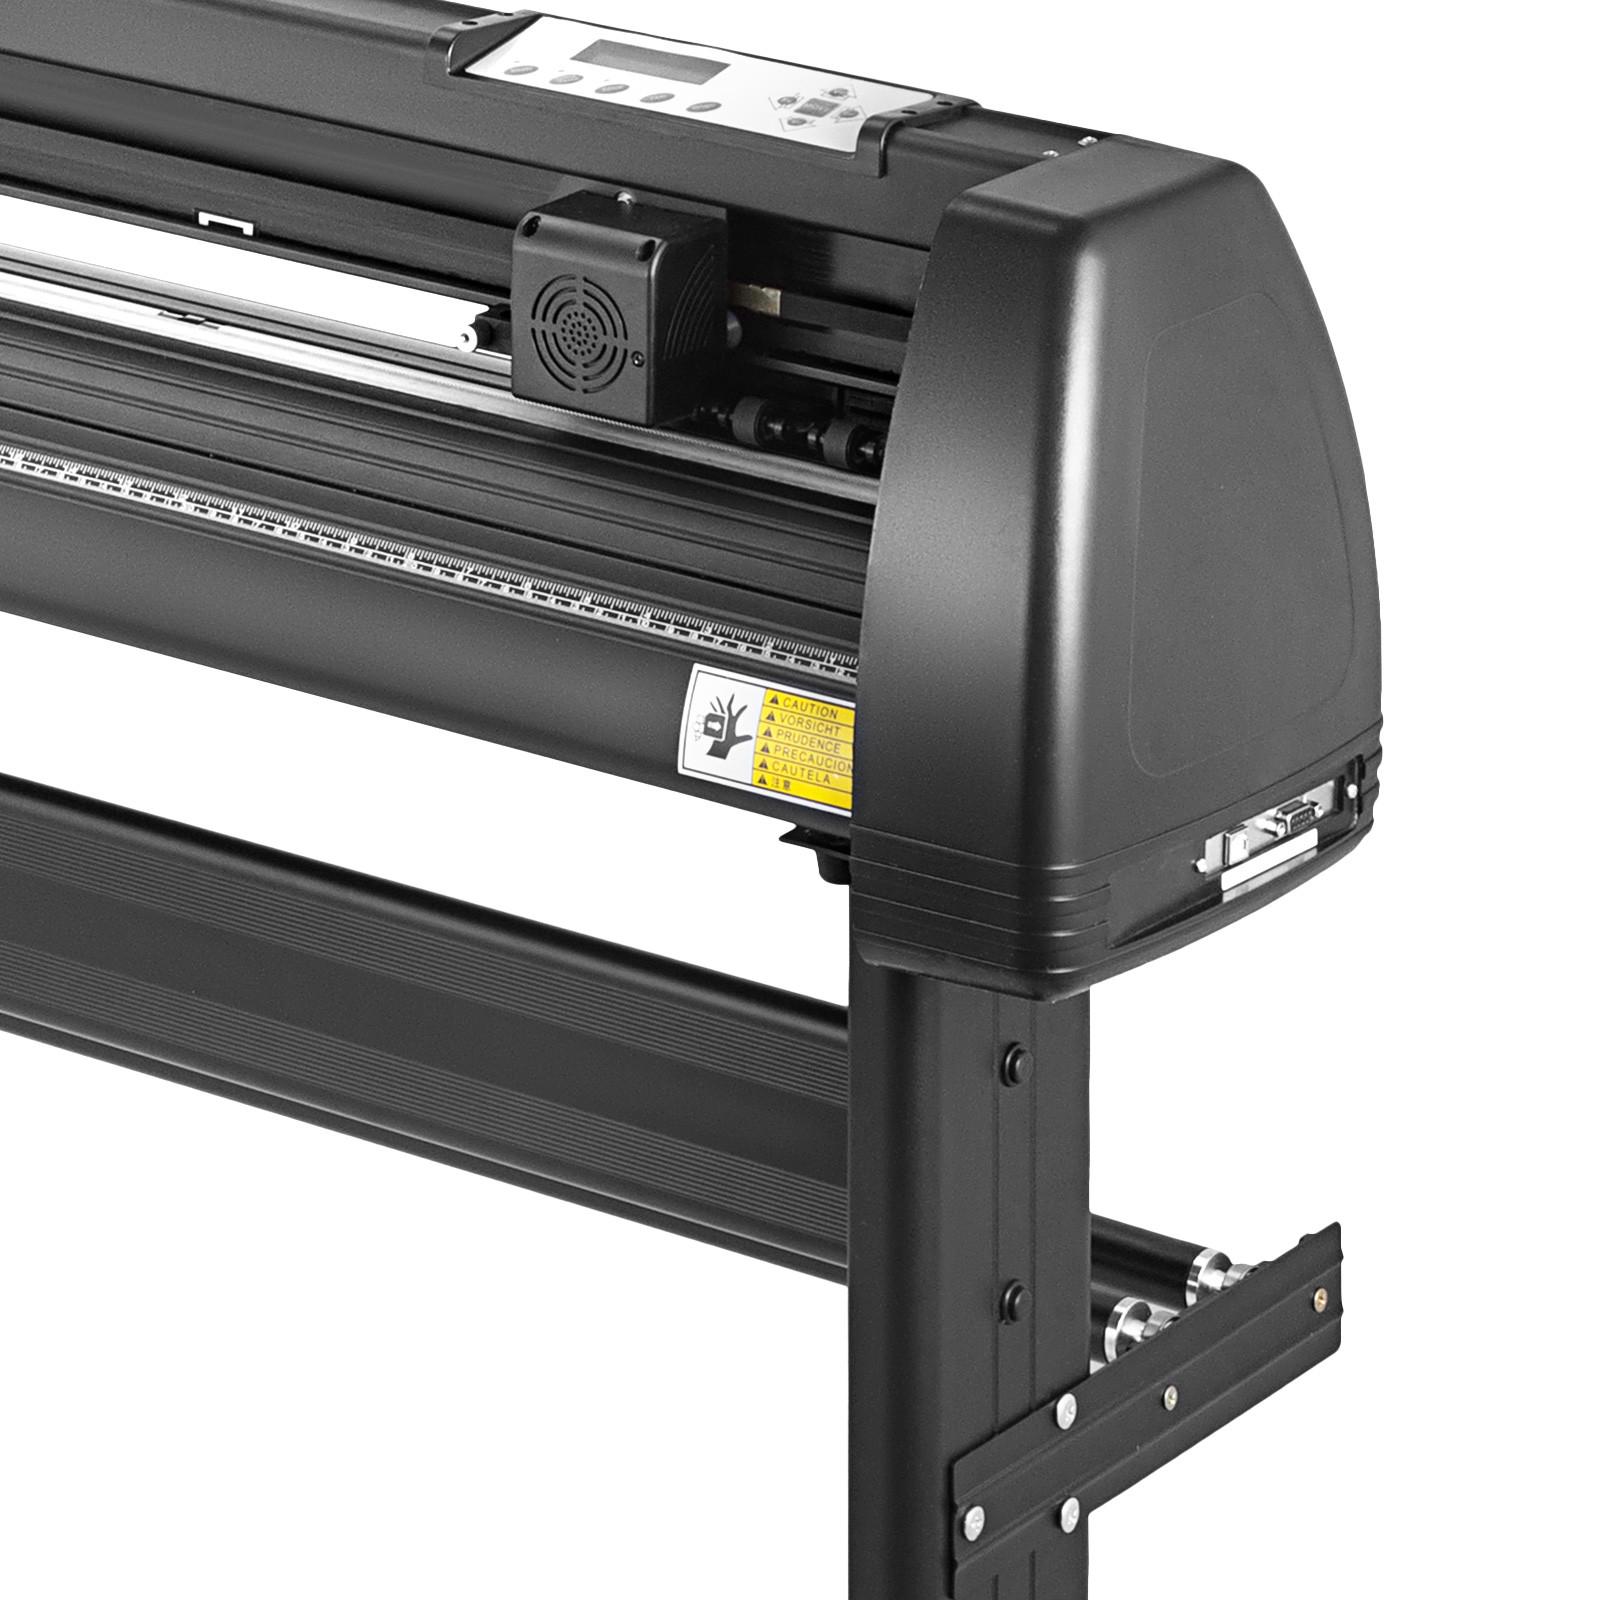 Vinyl-Cutter-Plotter-Cutting-14-28-34-53-inch-Art-Craft-Software-Stepper-motor thumbnail 57